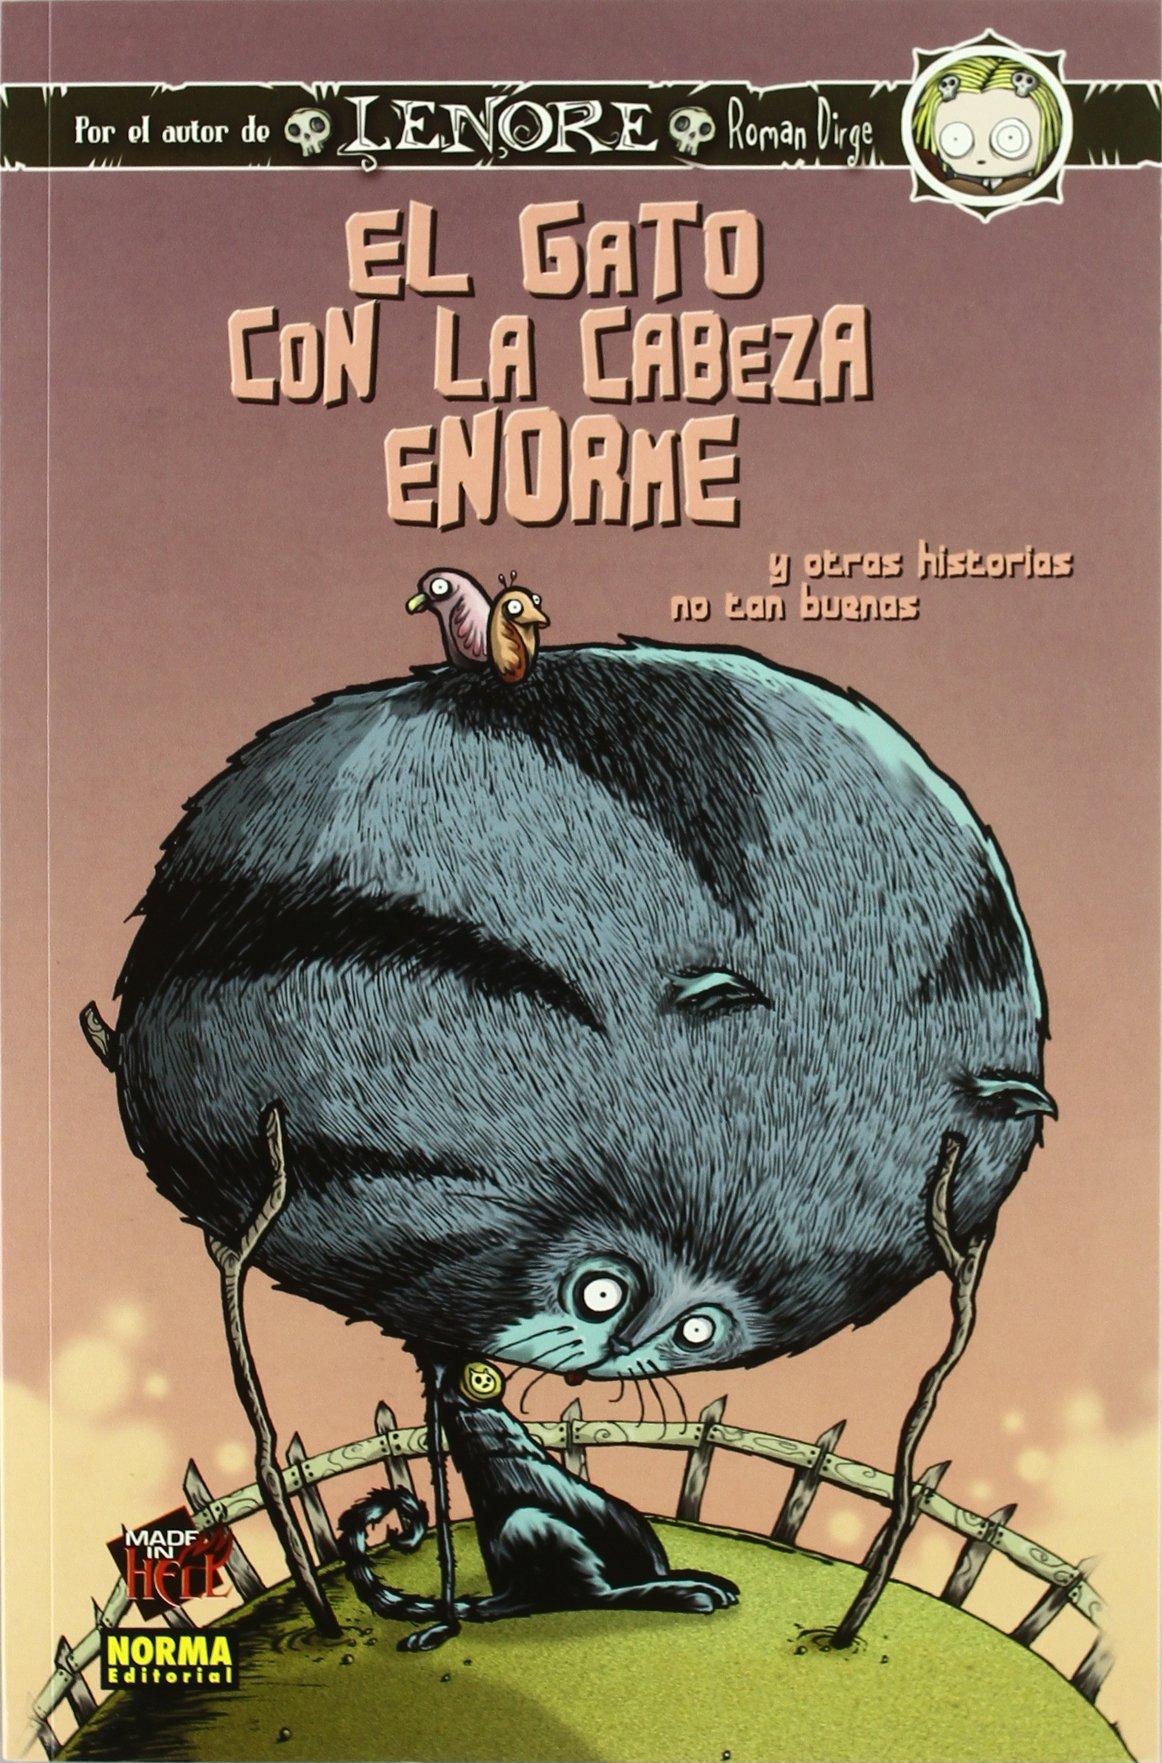 El Gato con la Cabeza Enorme y Otras Historias no tan Buenas (Spanish) Paperback – 2007